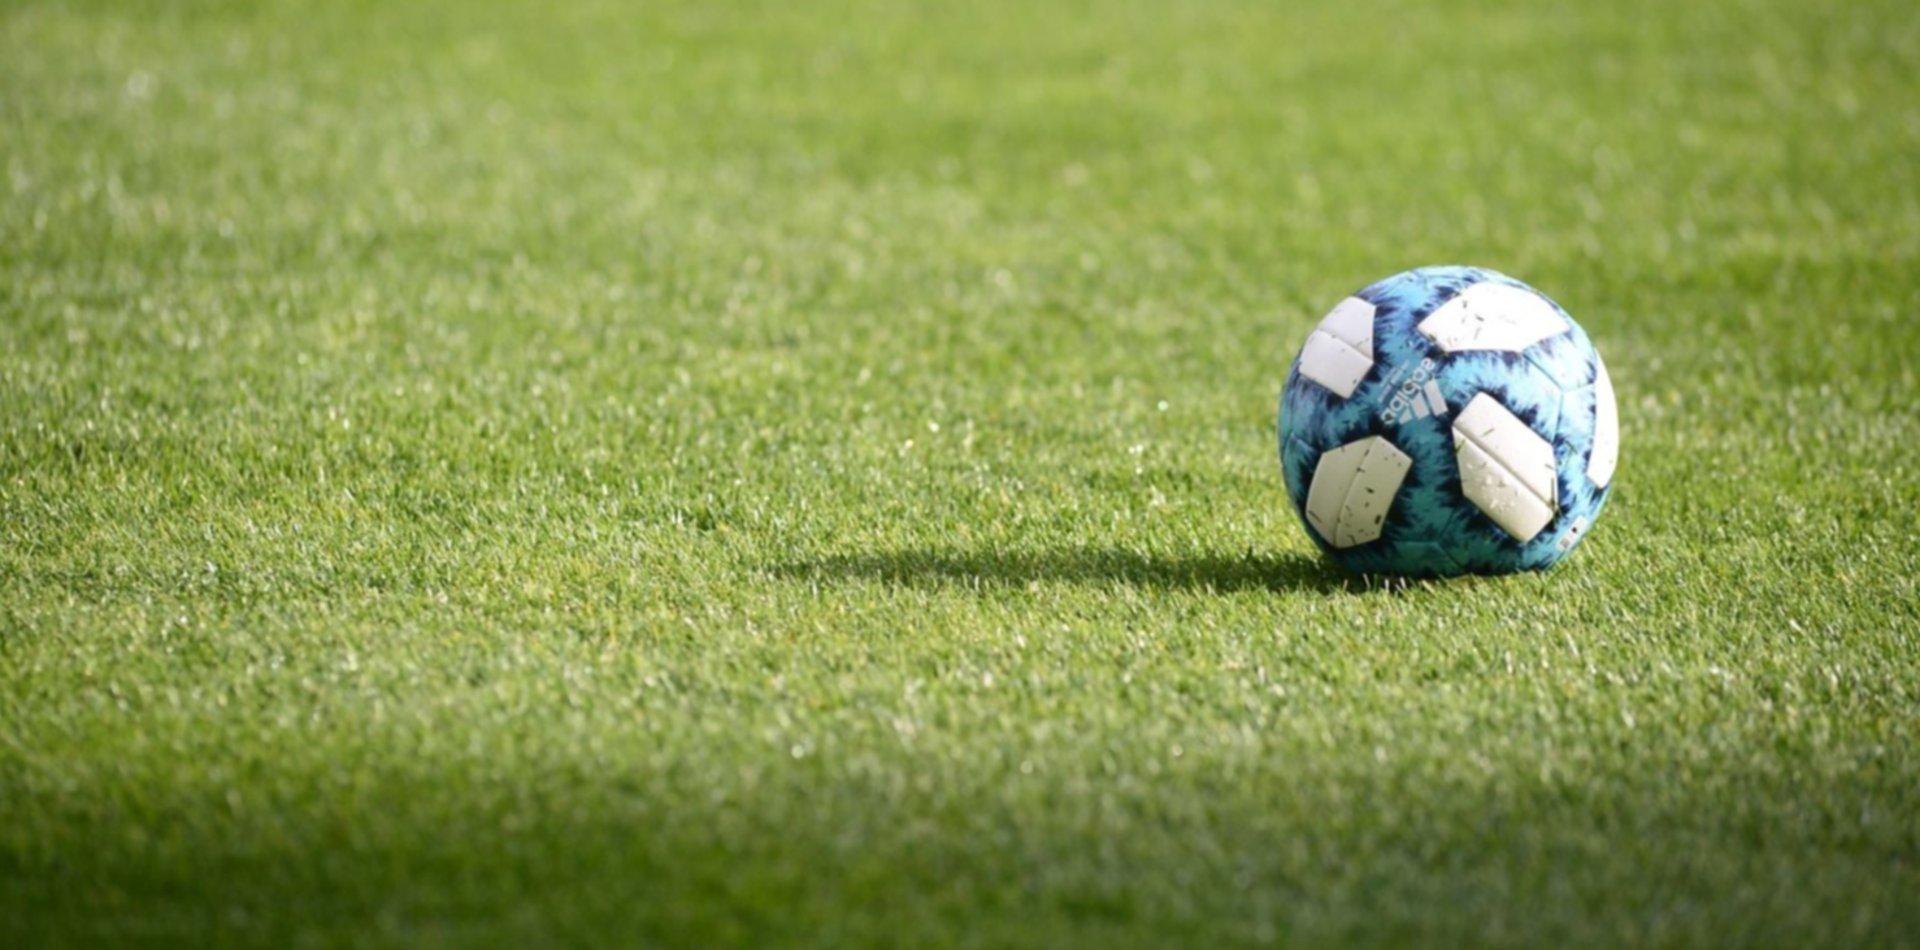 Lammens adelantó que podría volver el público a los estadios deportivos antes de 2022